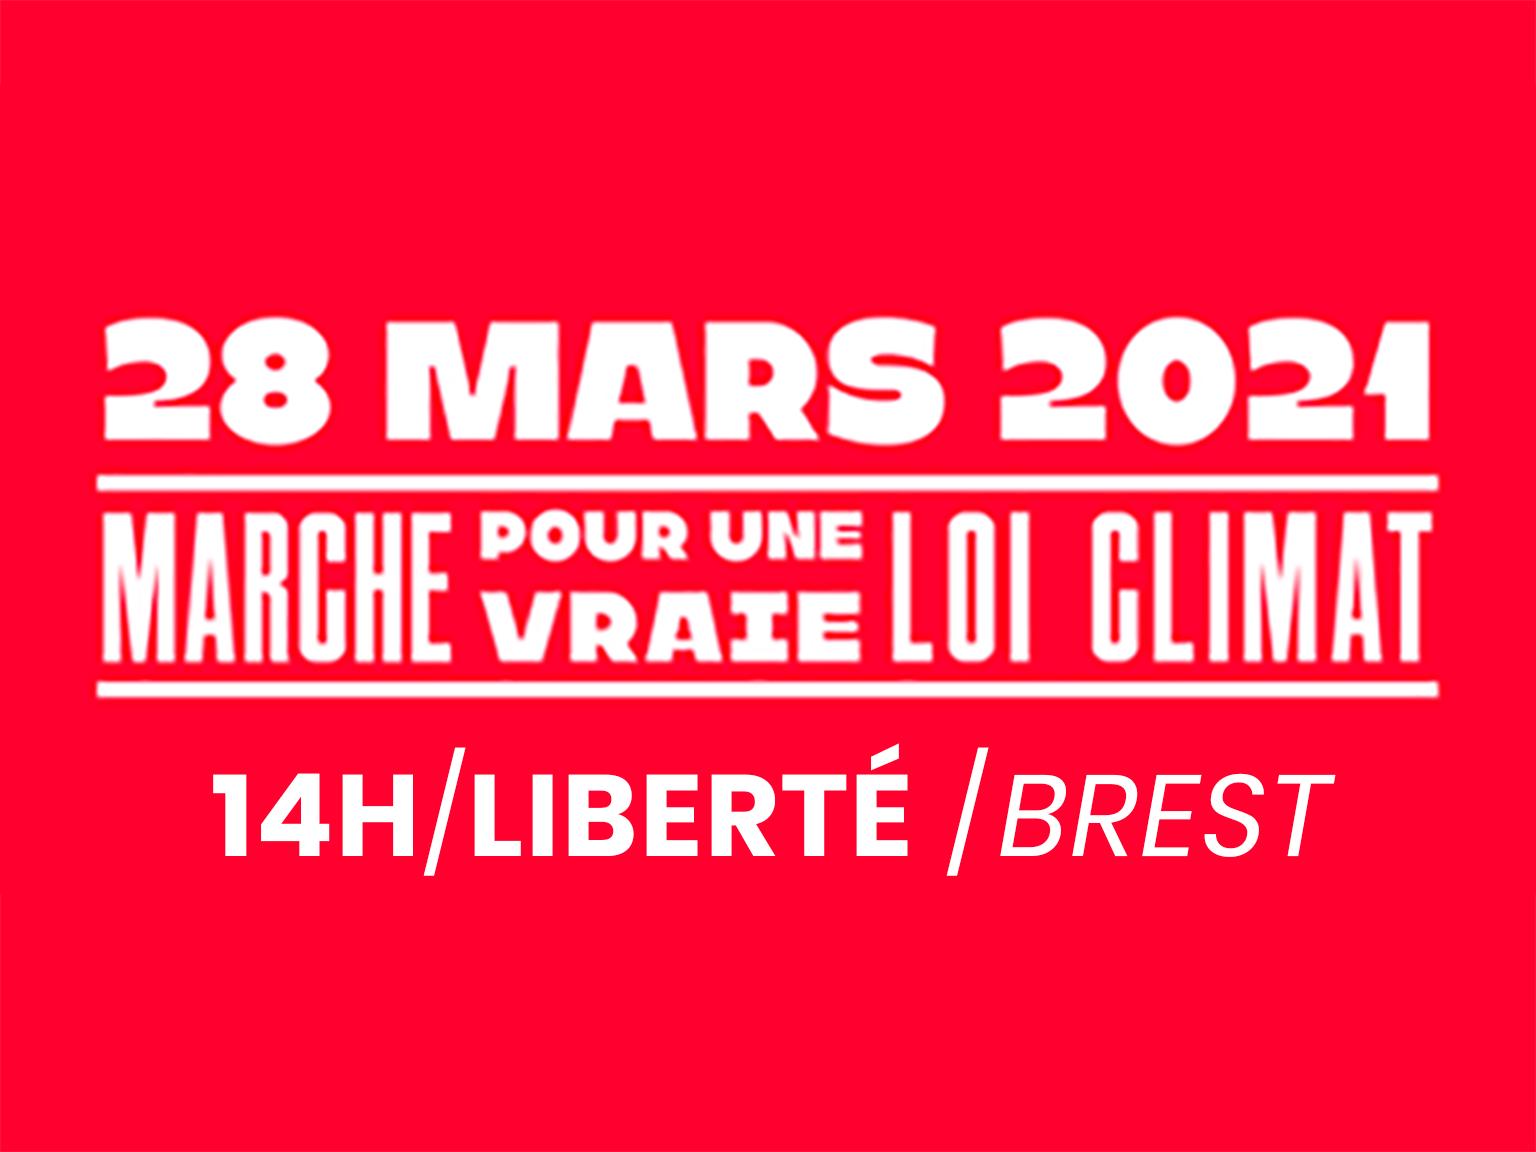 Marche Climat 28 mars Événement FB 1280-960px